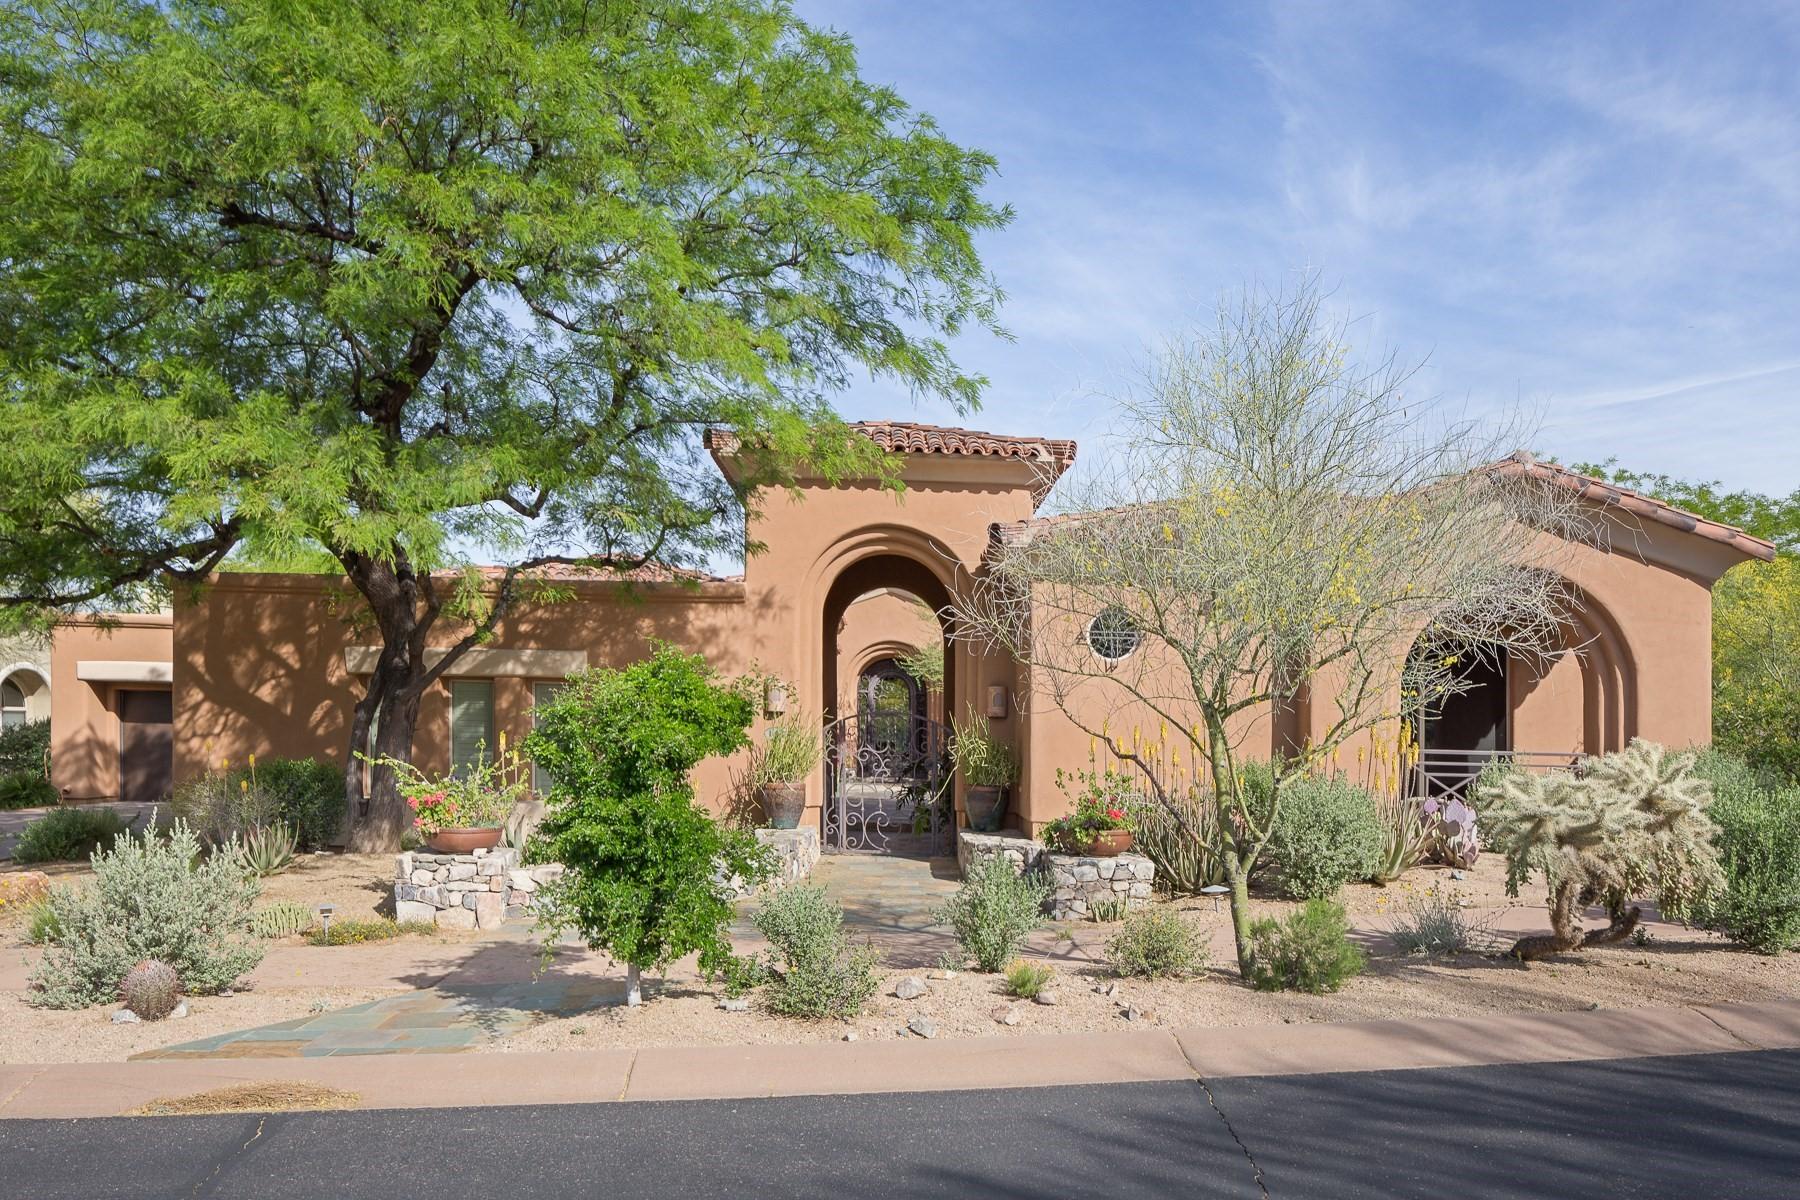 Частный односемейный дом для того Продажа на Lovely home nestled on the 2nd hole of the DC Ranch Country Club 9290 E THOMPSON PEAK #142 Scottsdale, Аризона, 85255 Соединенные Штаты